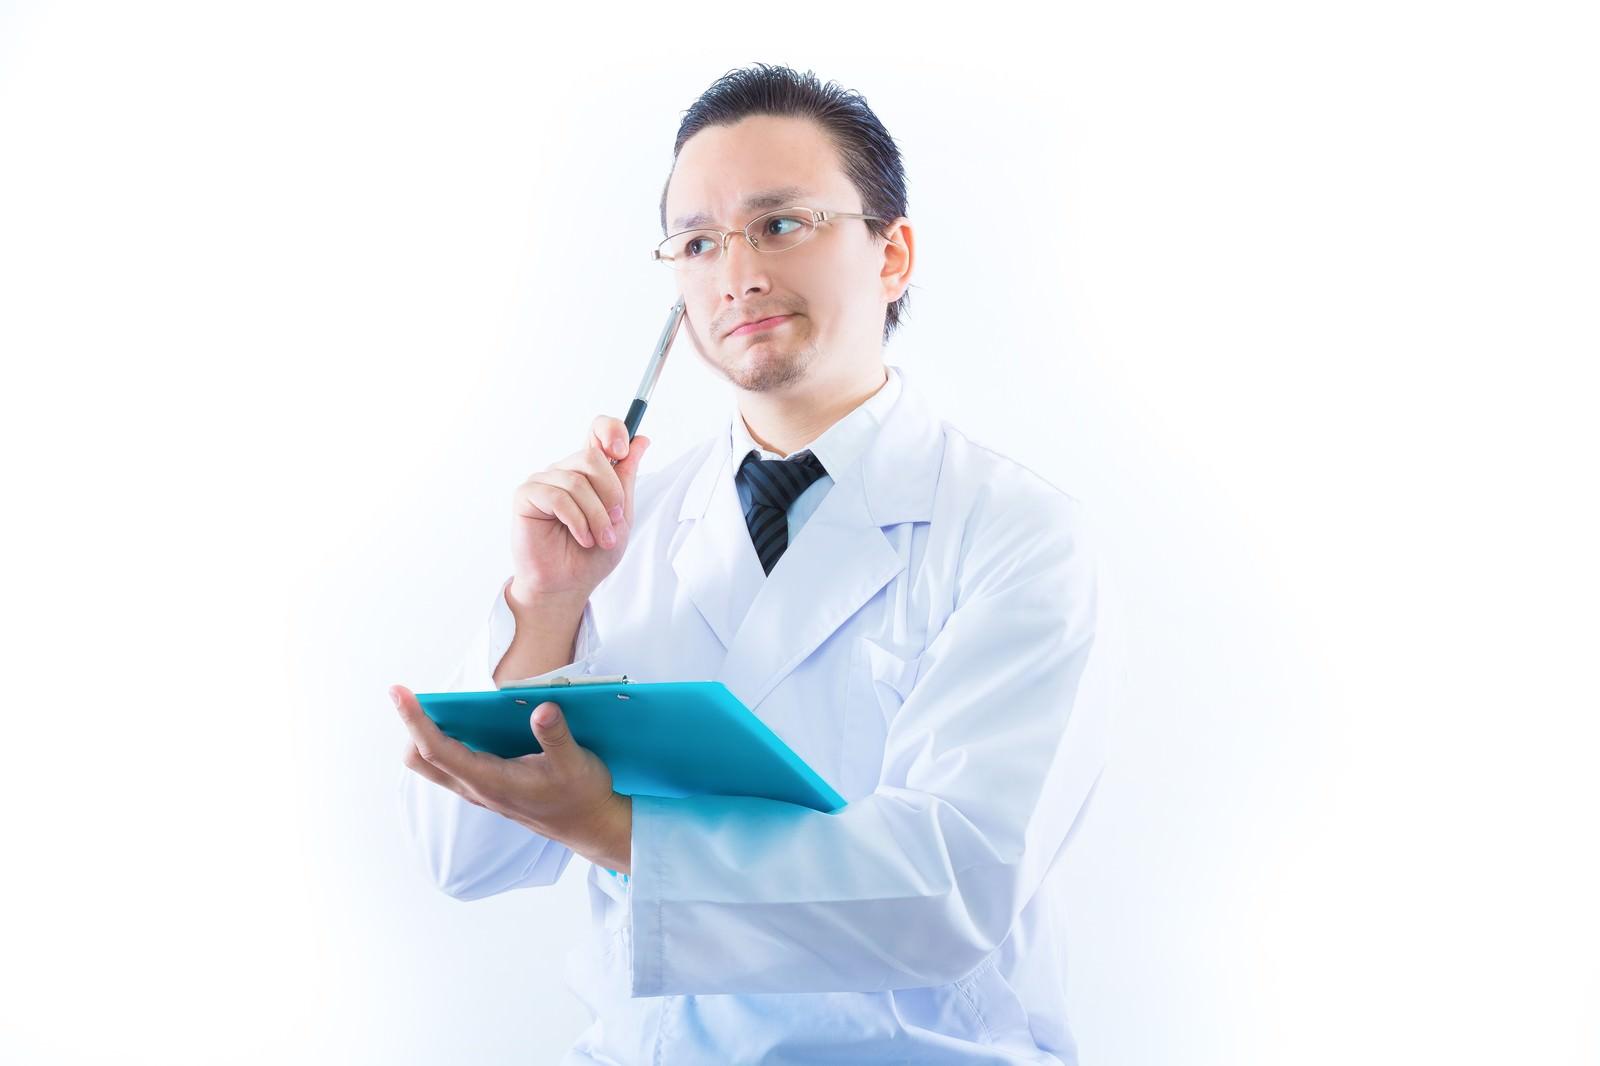 「検査結果に悩むドクター」[モデル:Max_Ezaki]